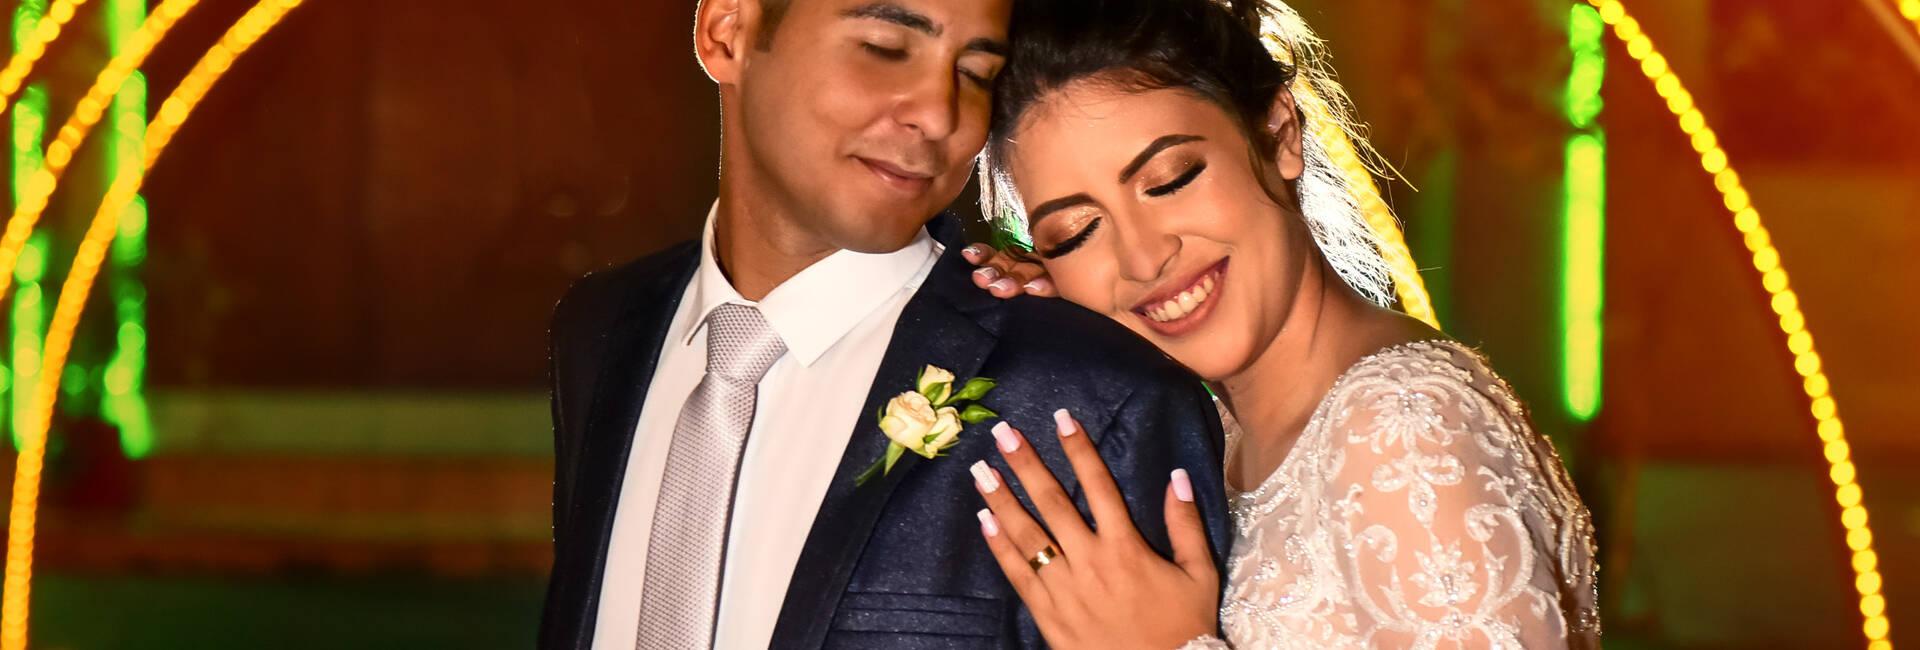 Letícia e Eliezer de Casamento